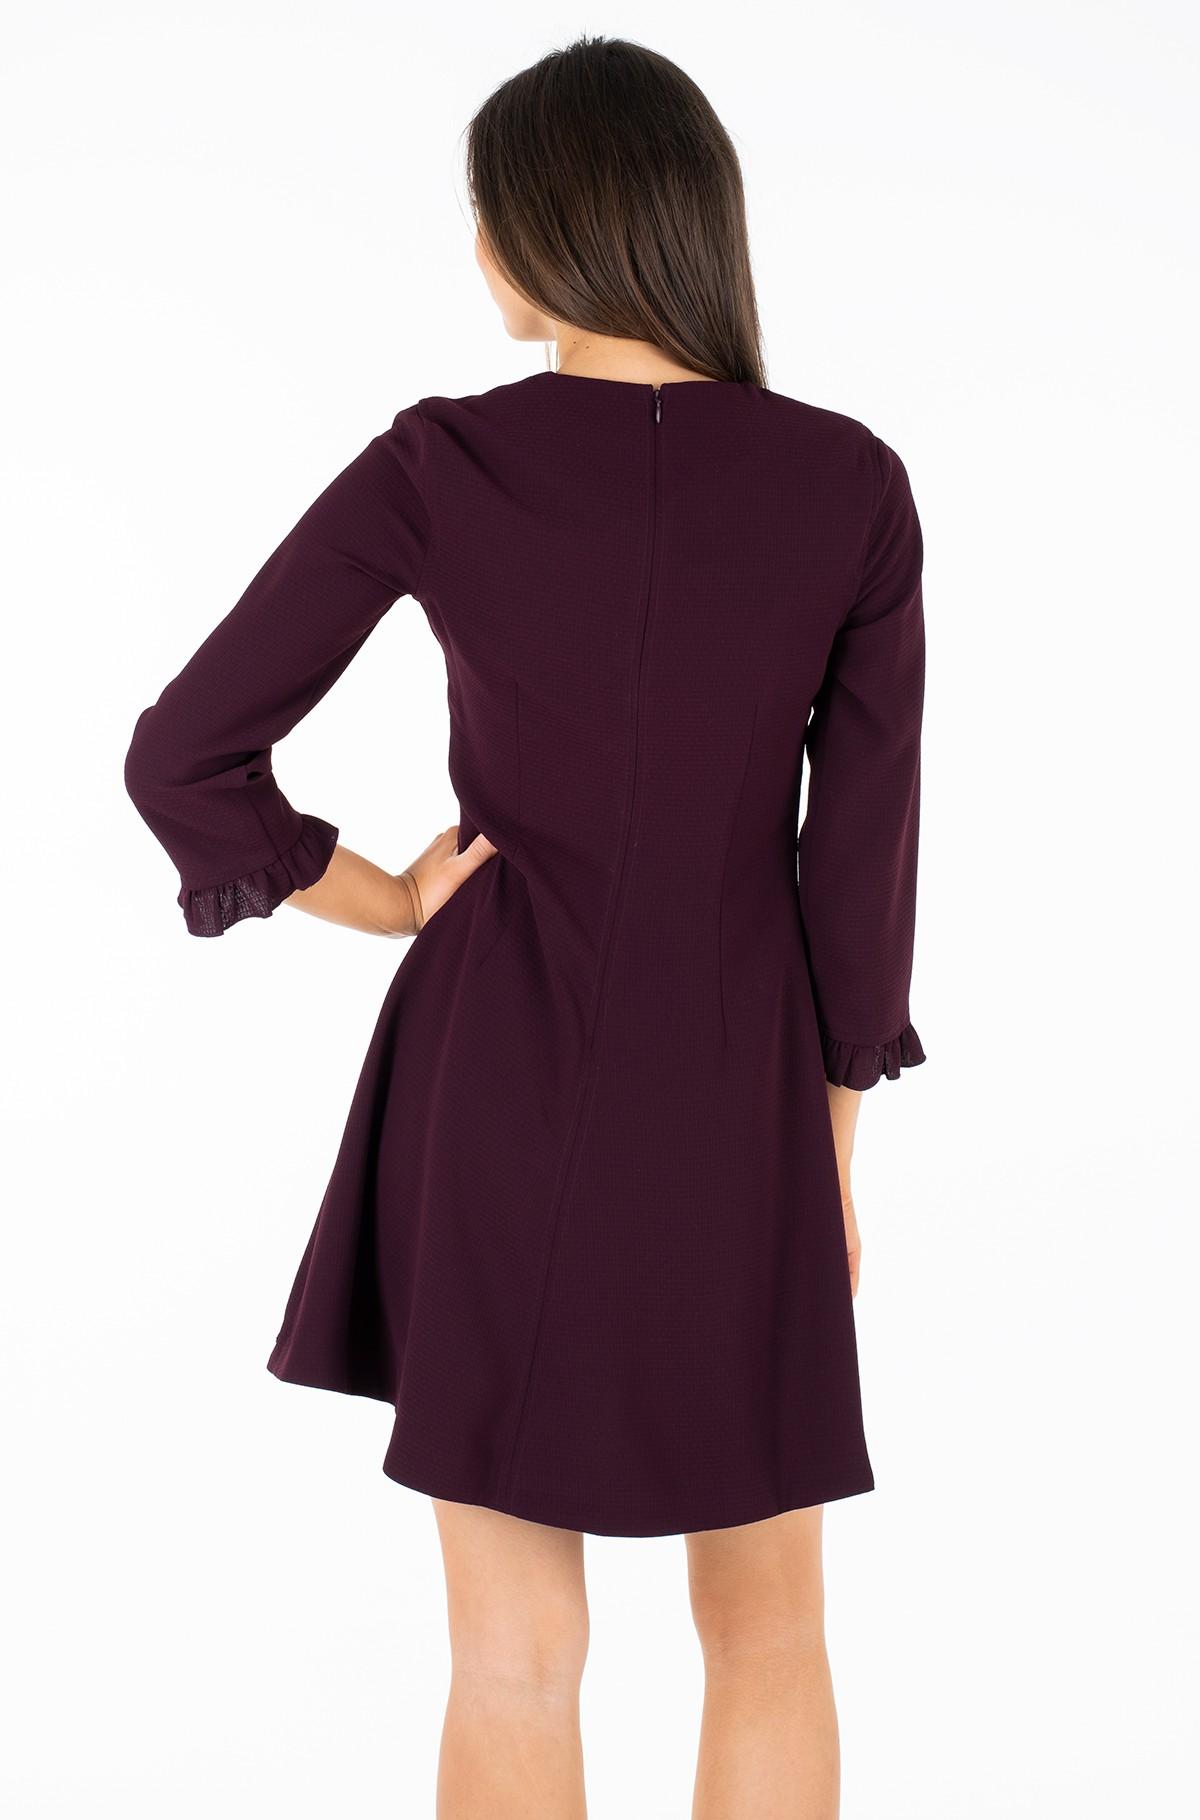 Suknelė MEG DRESS 3-4 SLV-full-2